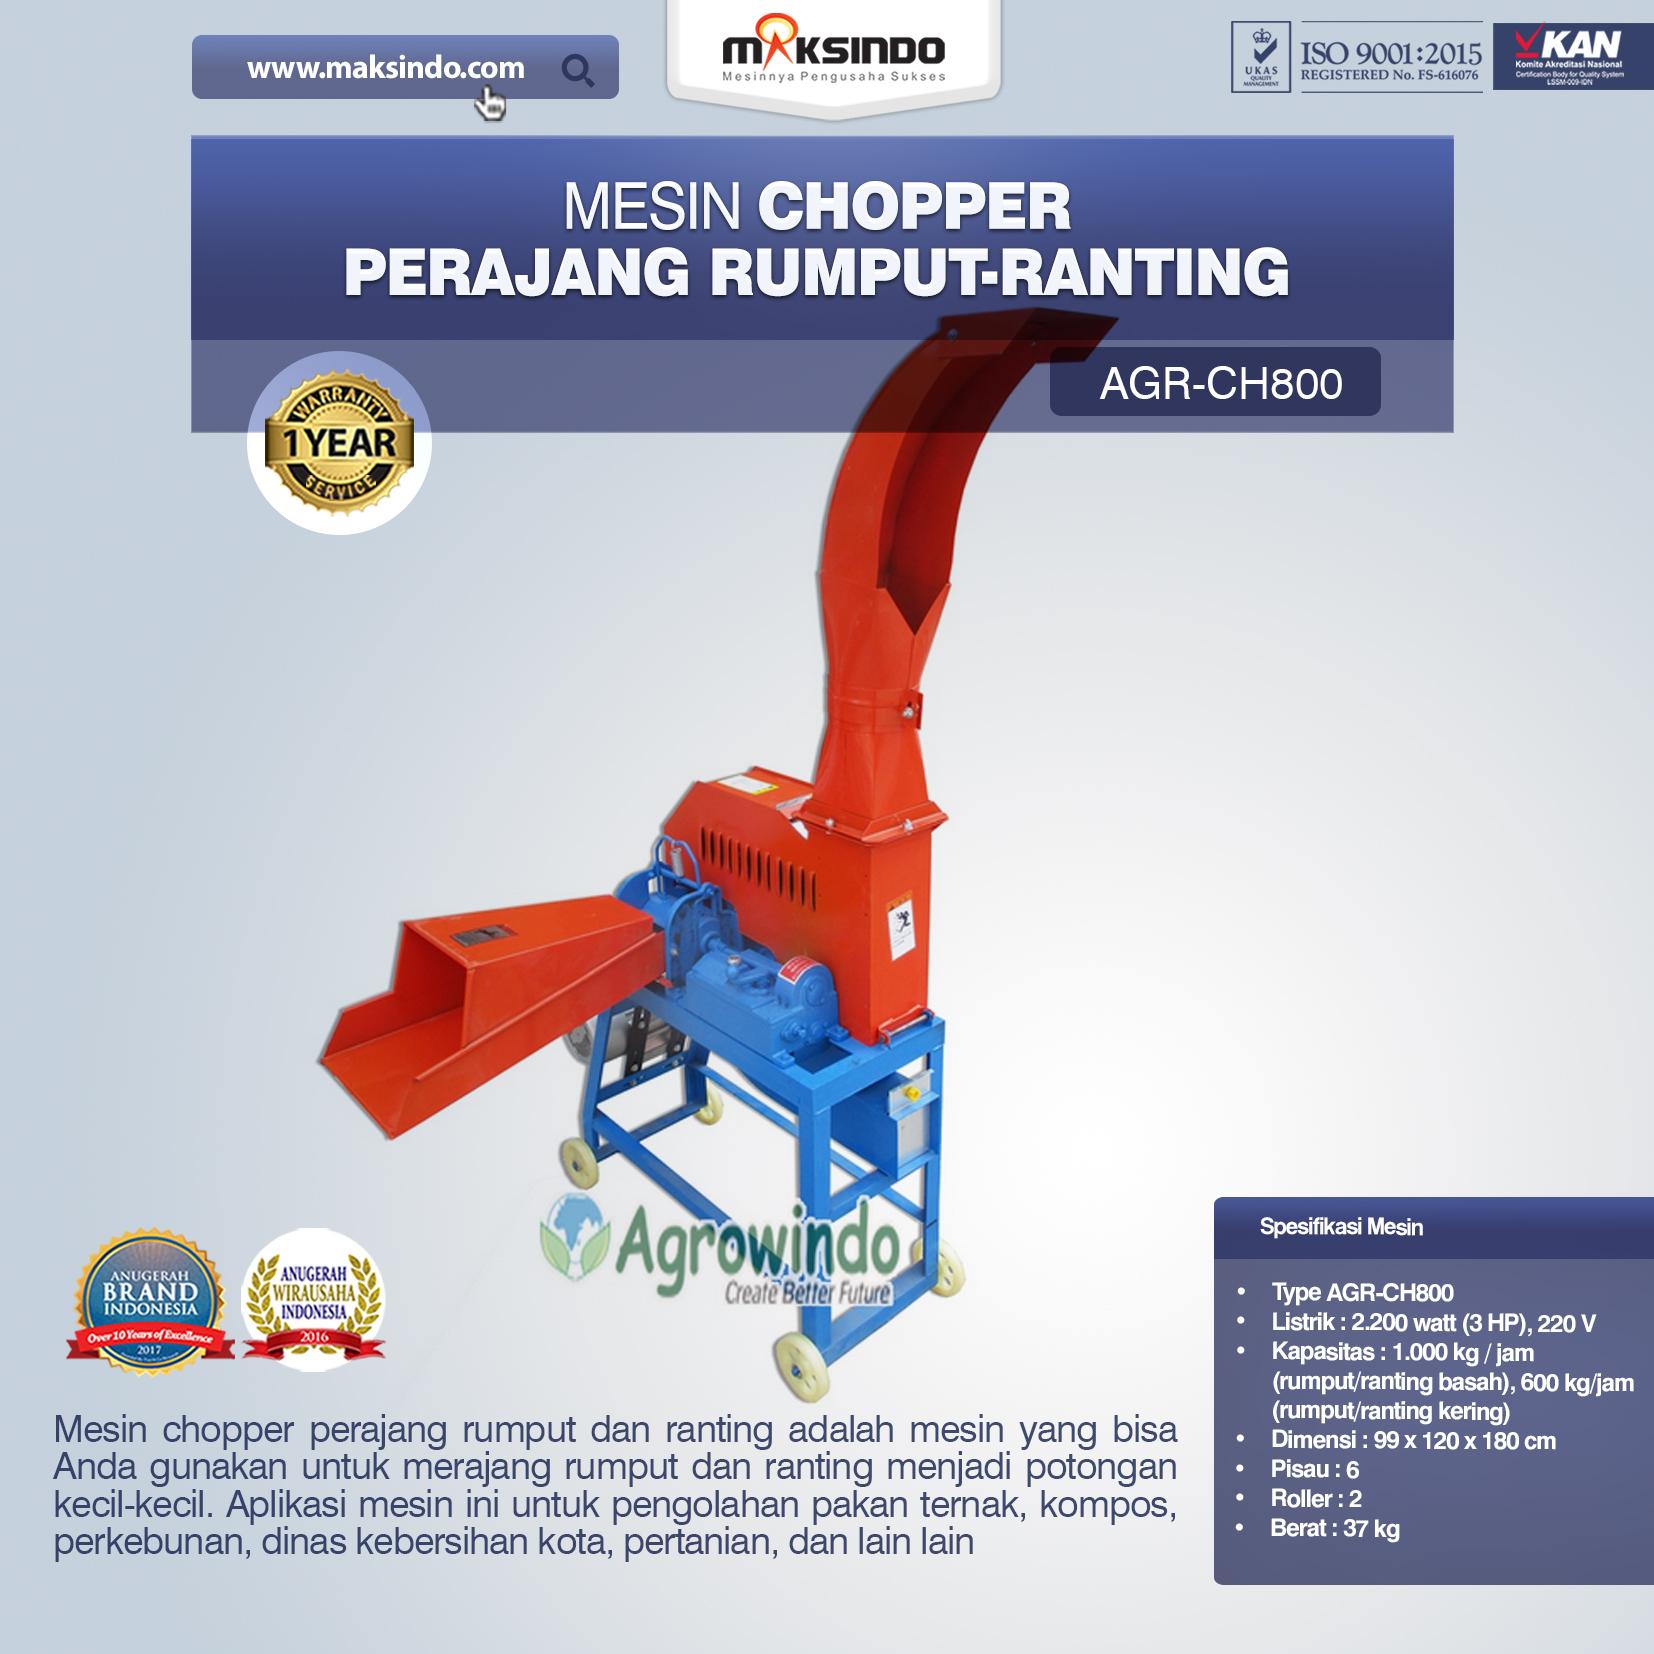 Jual Mesin Chopper Perajang Rumput-Ranting (AGR-CH800) di Bekasi